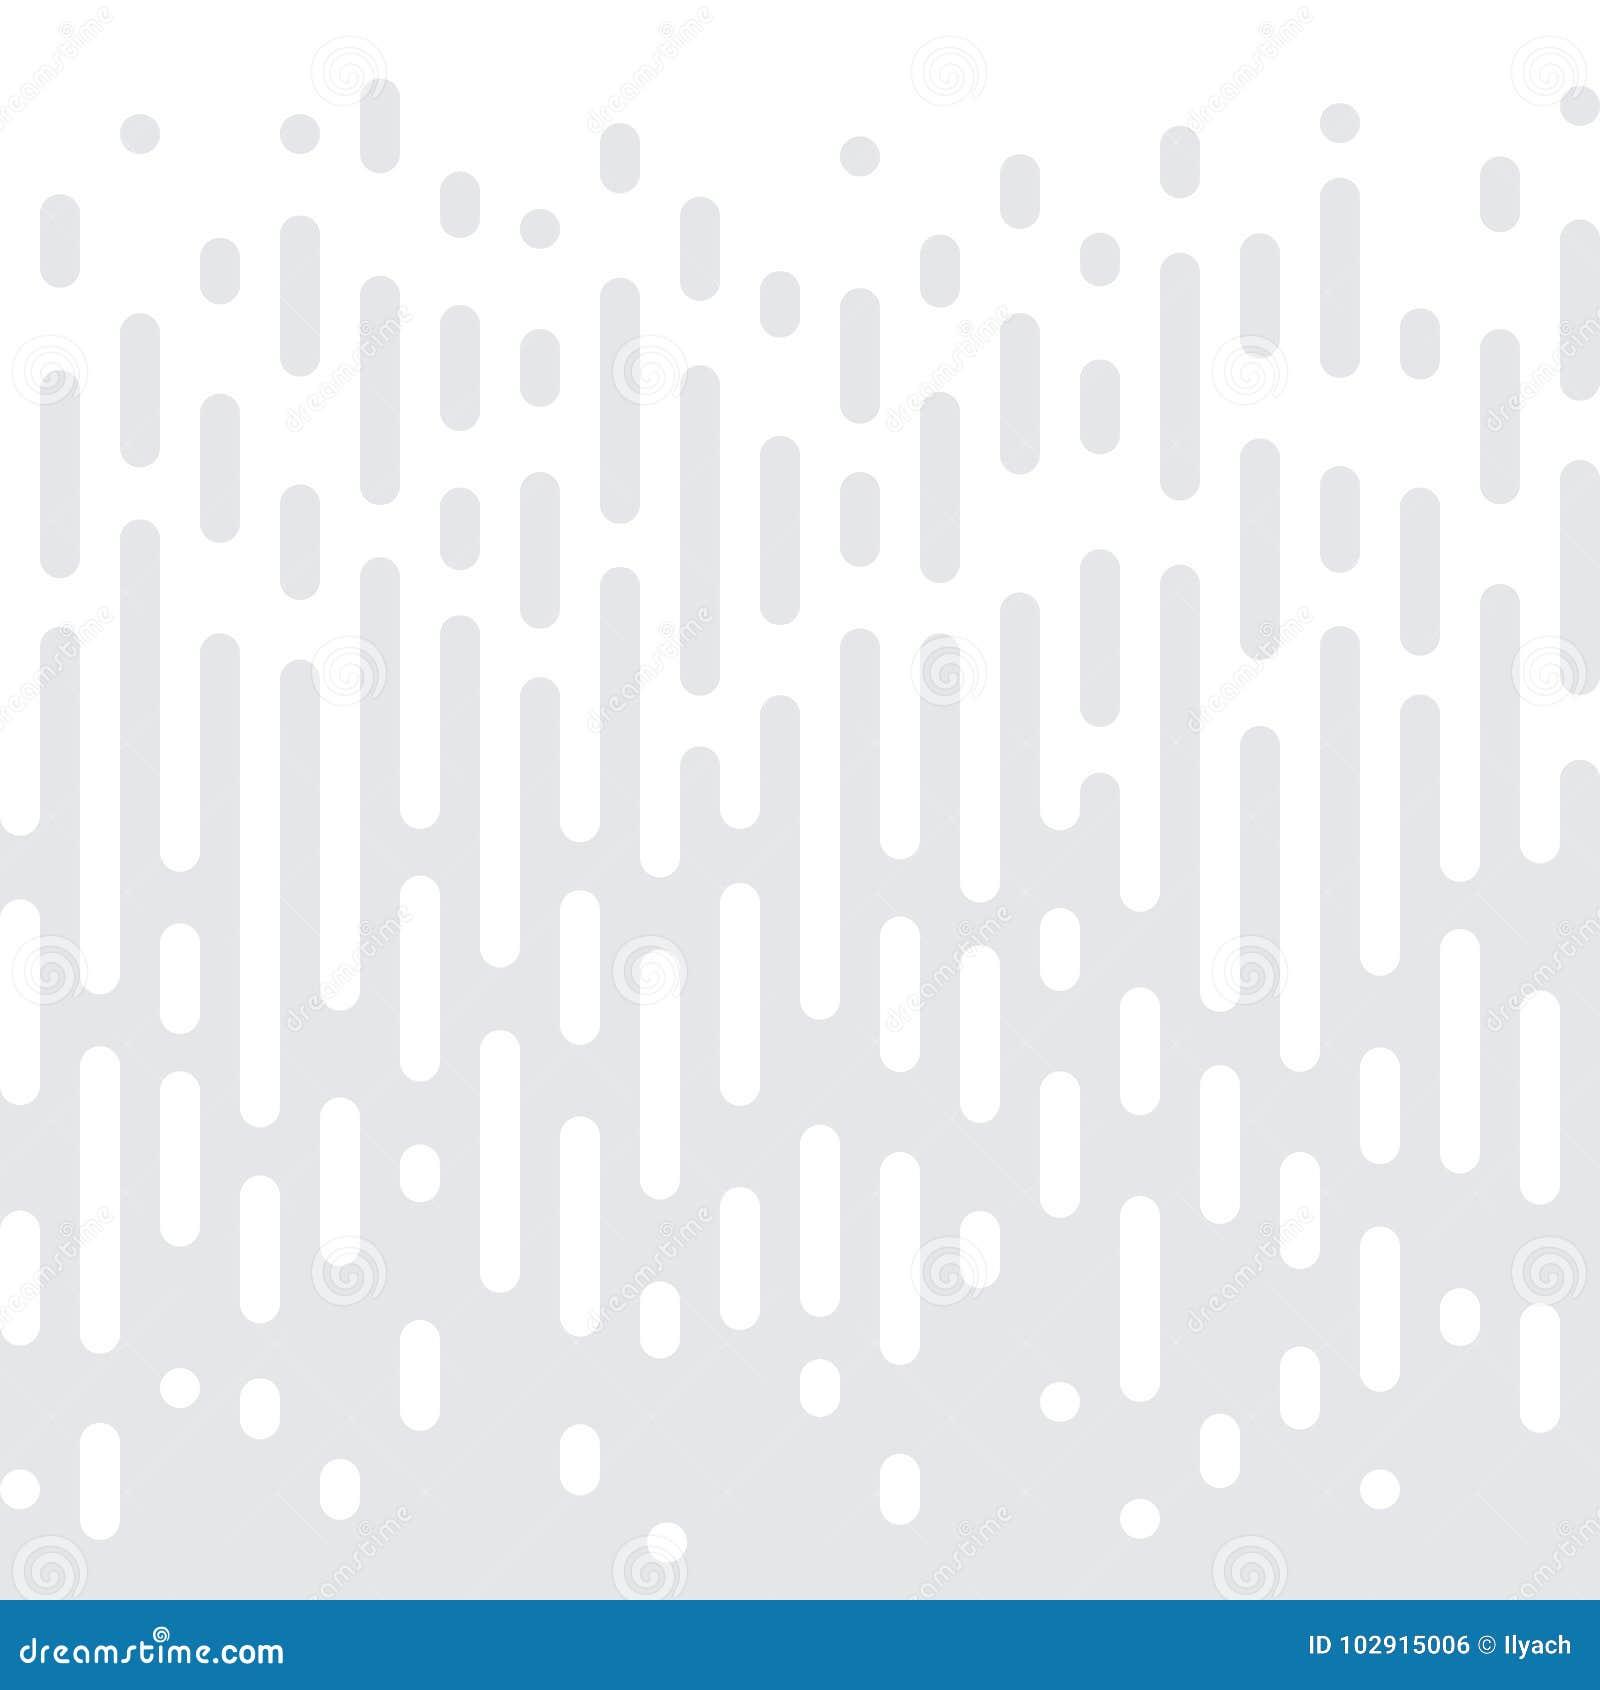 Fundo mínimo branco da textura do inclinação do vetor sem emenda de intervalo mínimo geométrico abstrato do teste padrão